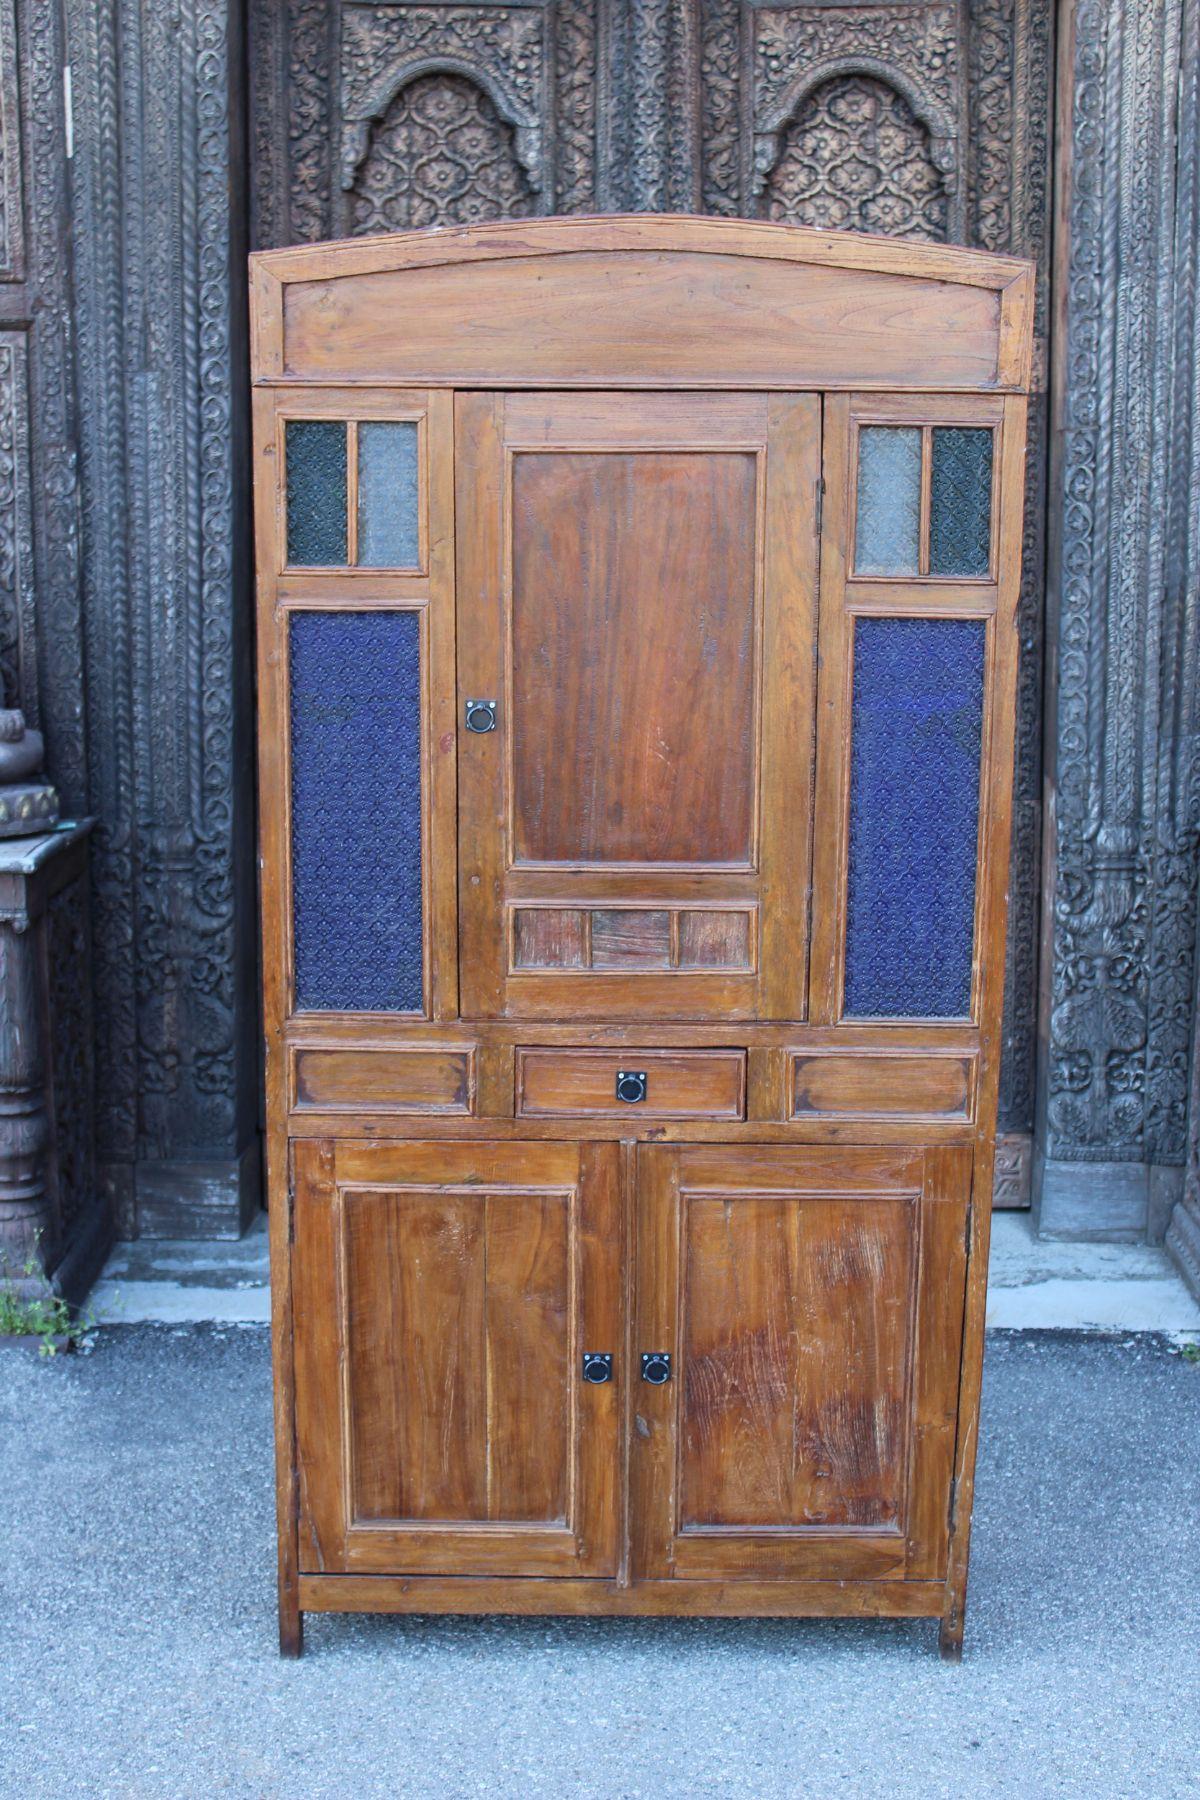 Credenza alta in legno di teak con decorazioni in vetro viola